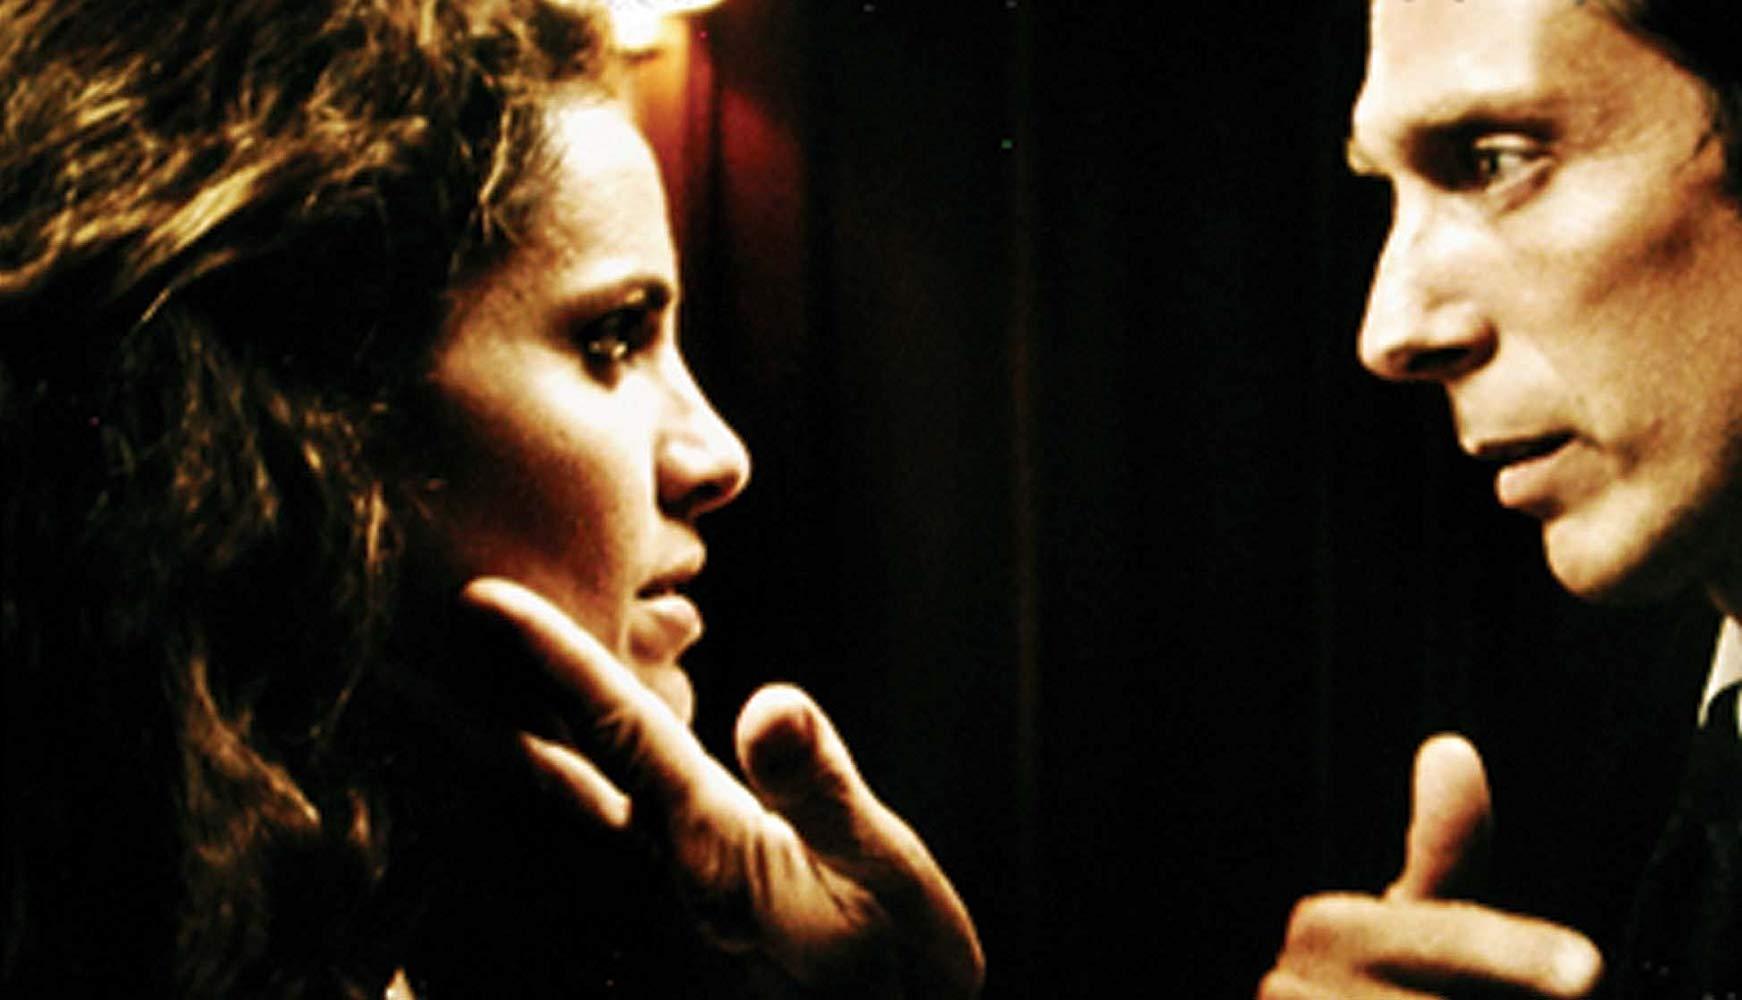 مشاهدة فيلم Nine Lives 2005 HD مترجم كامل اون لاين